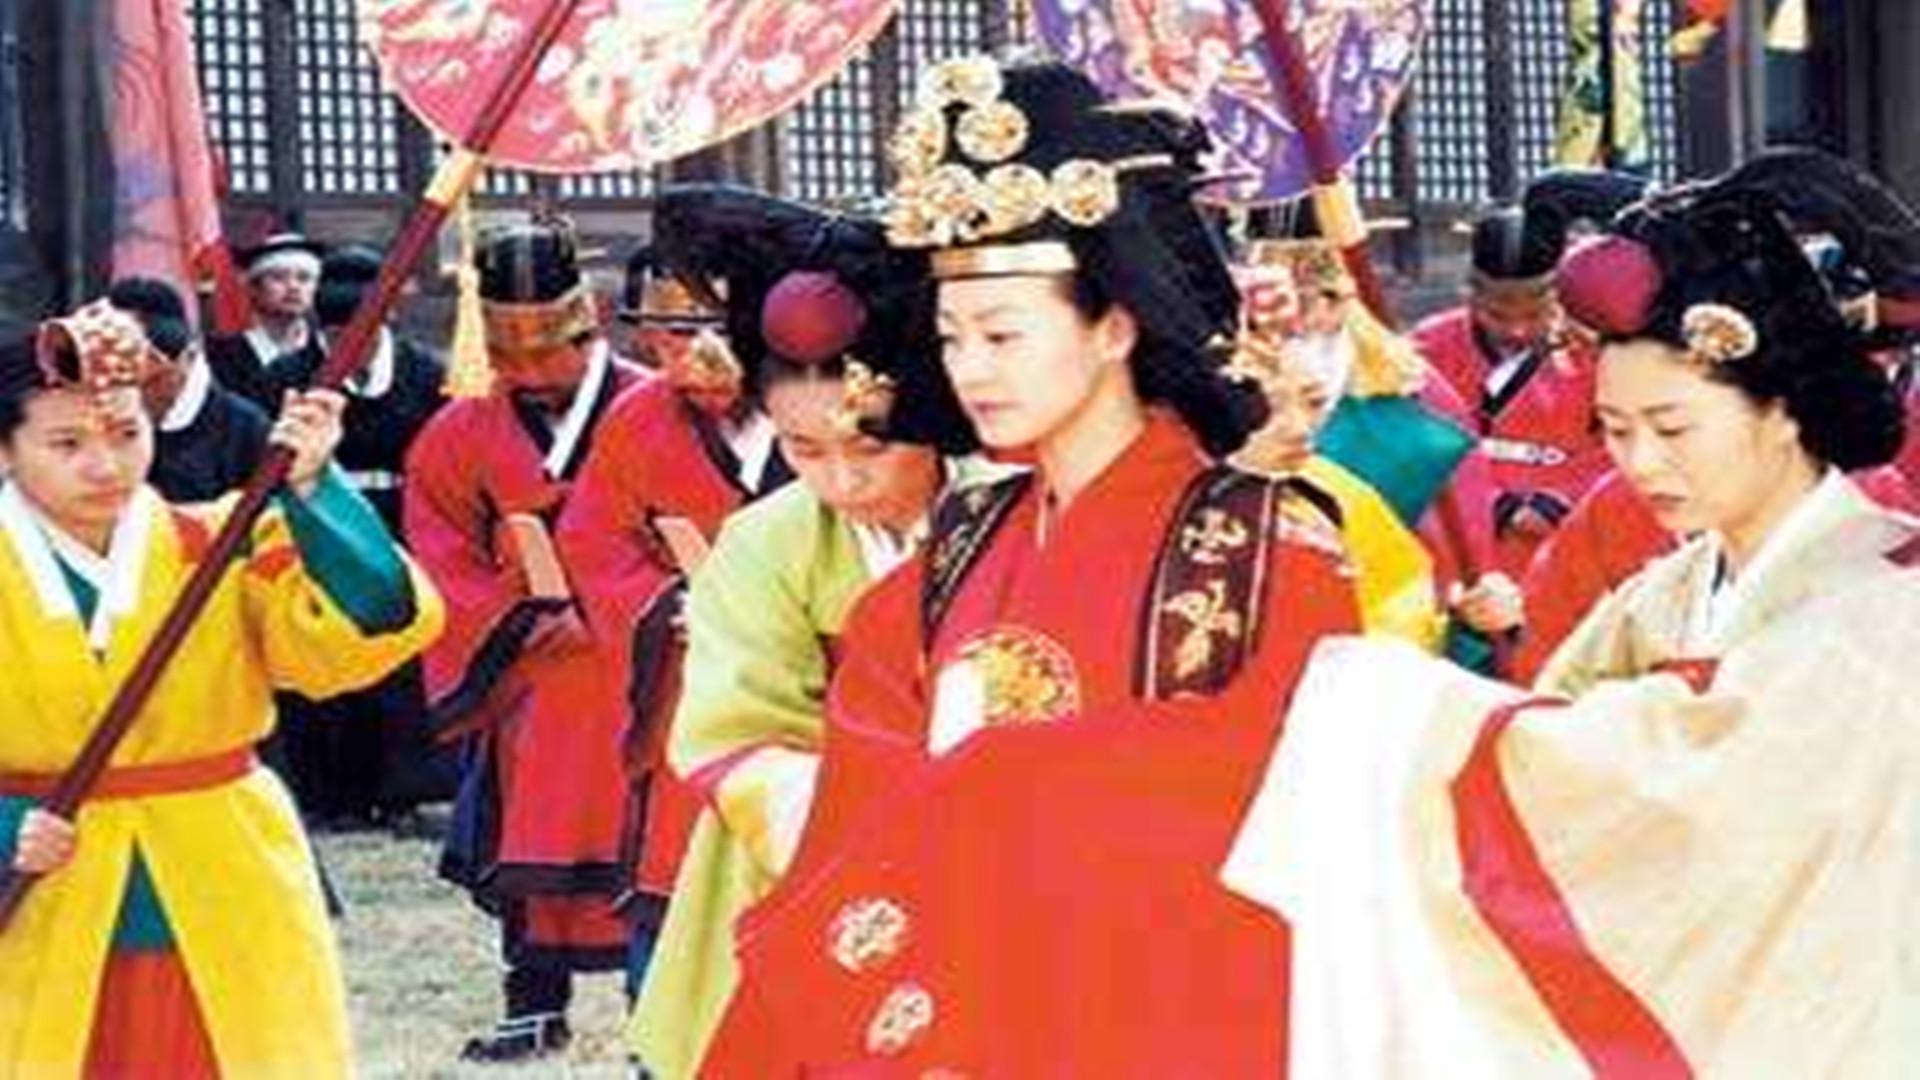 中国最霸气的时代,外国女子纷纷嫁到中国来